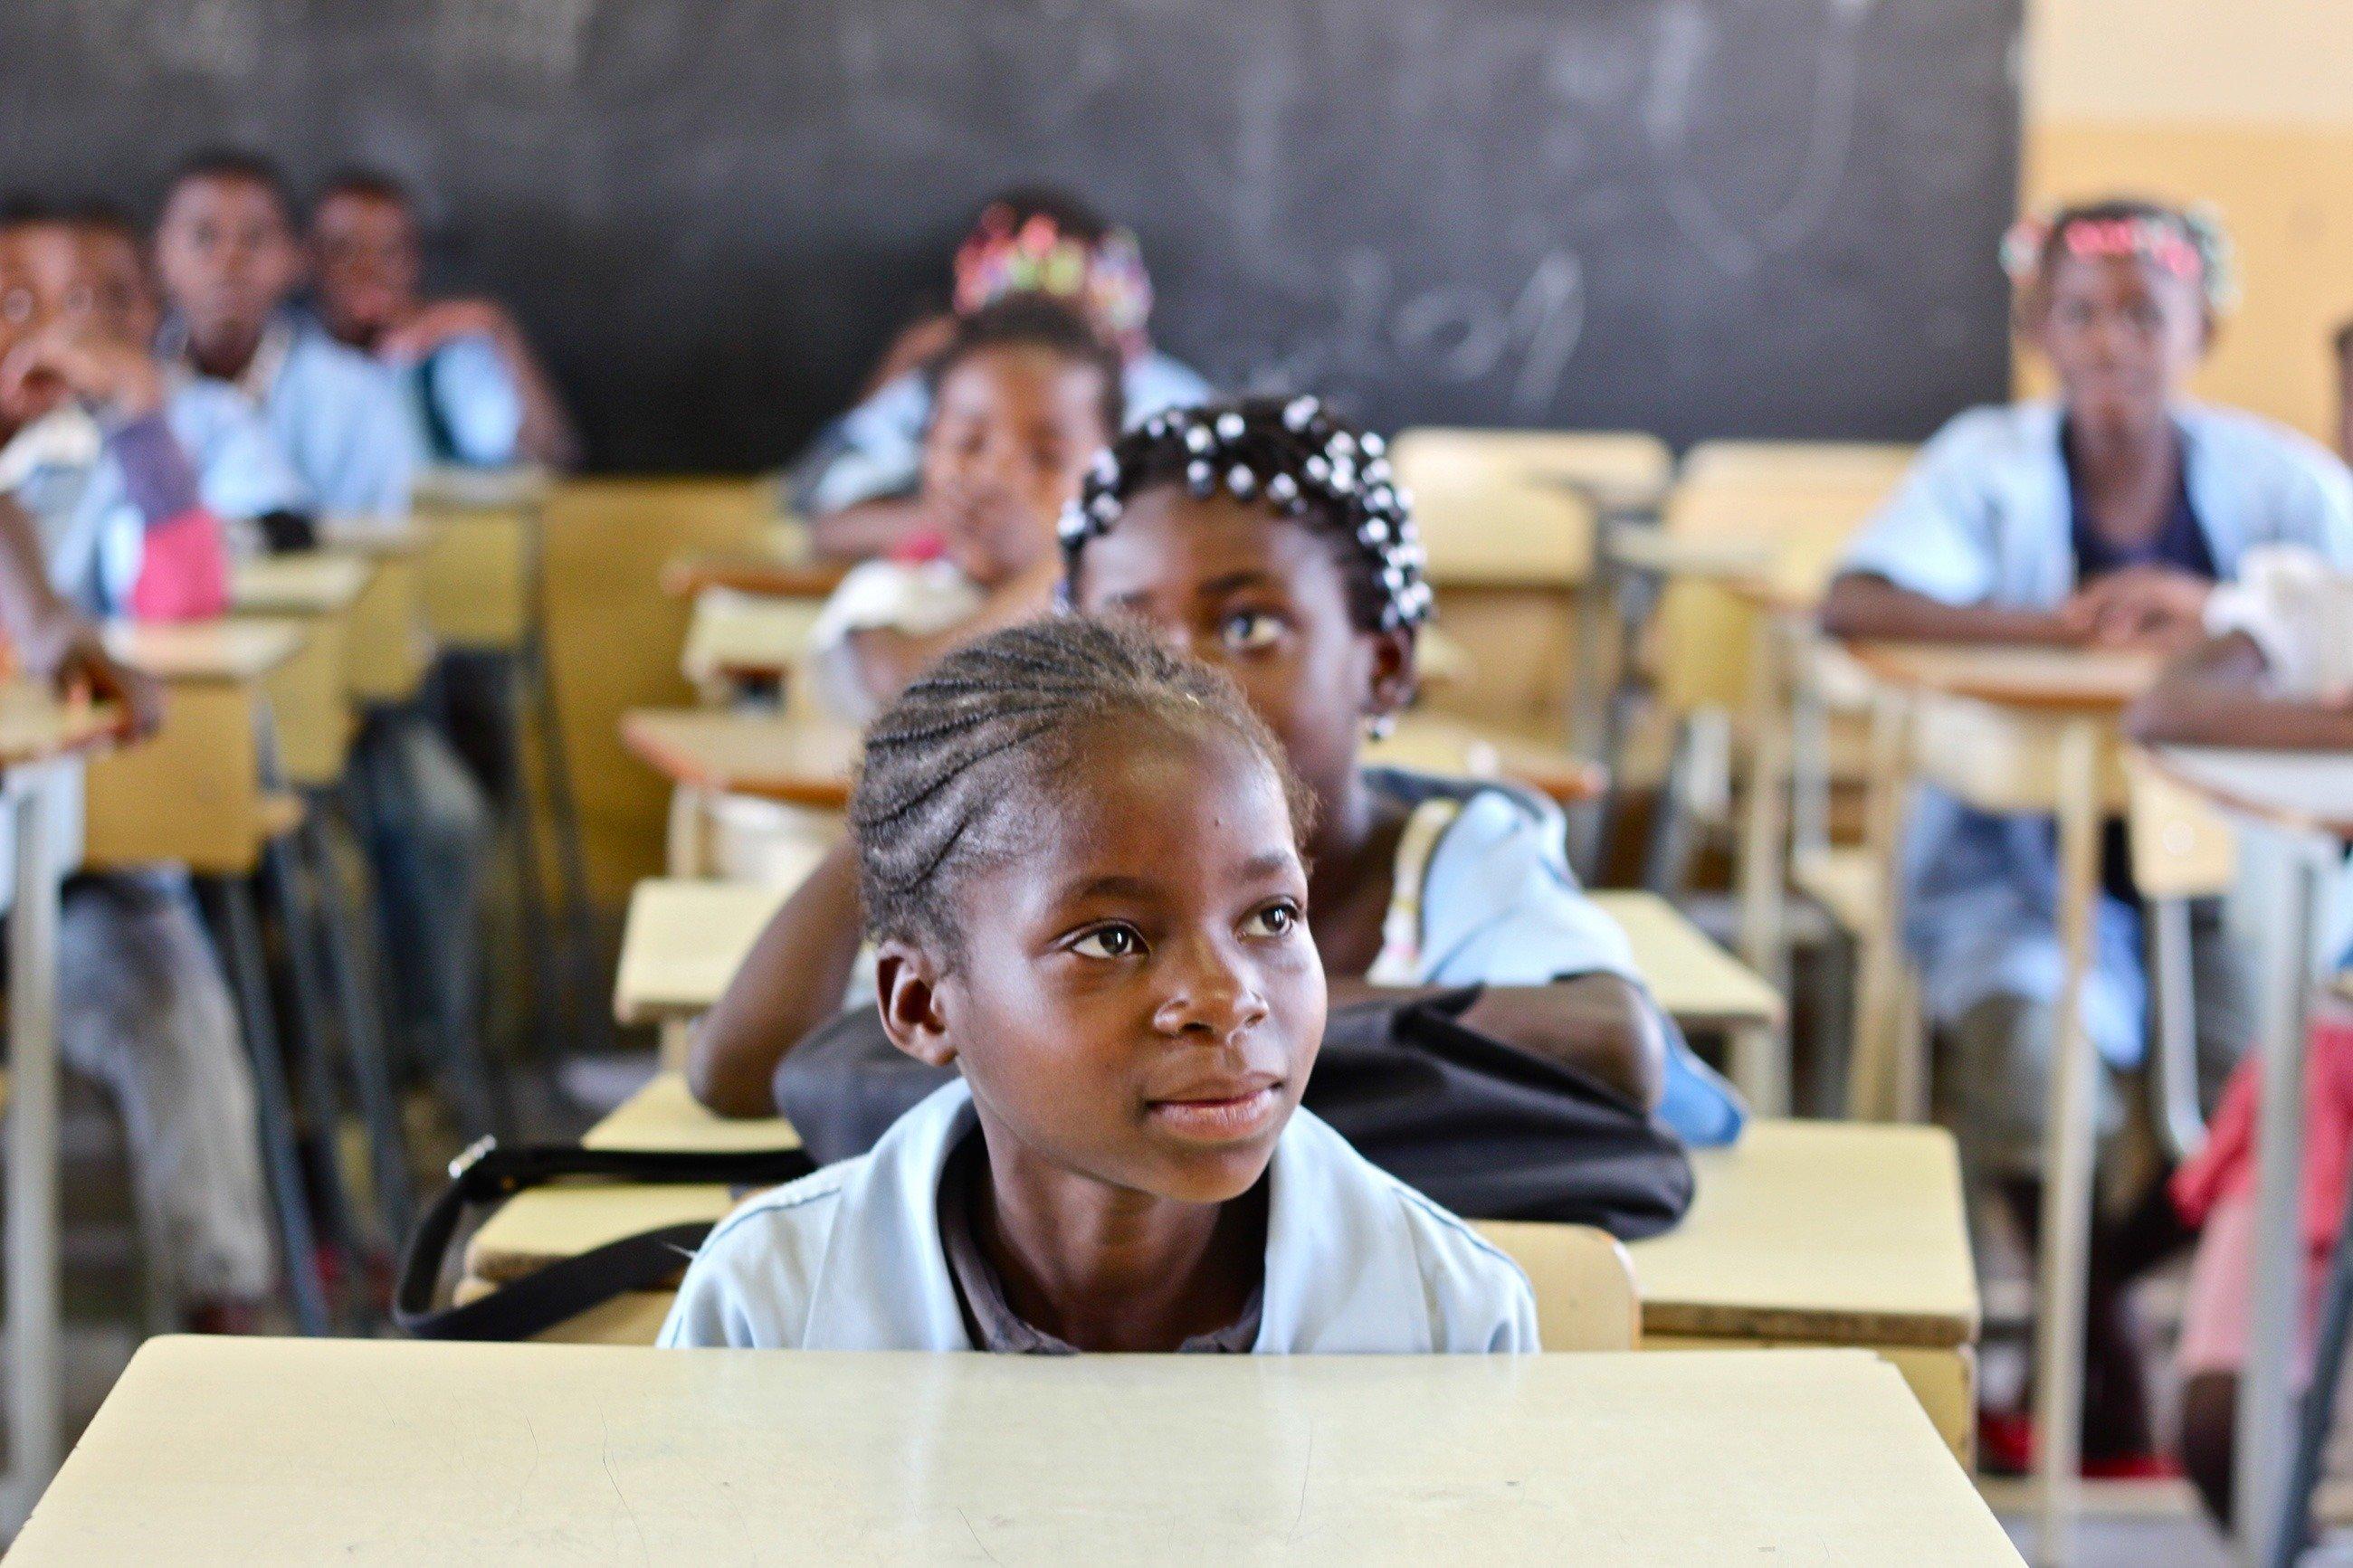 Une petite fille africaine écoute attentivement le cours.